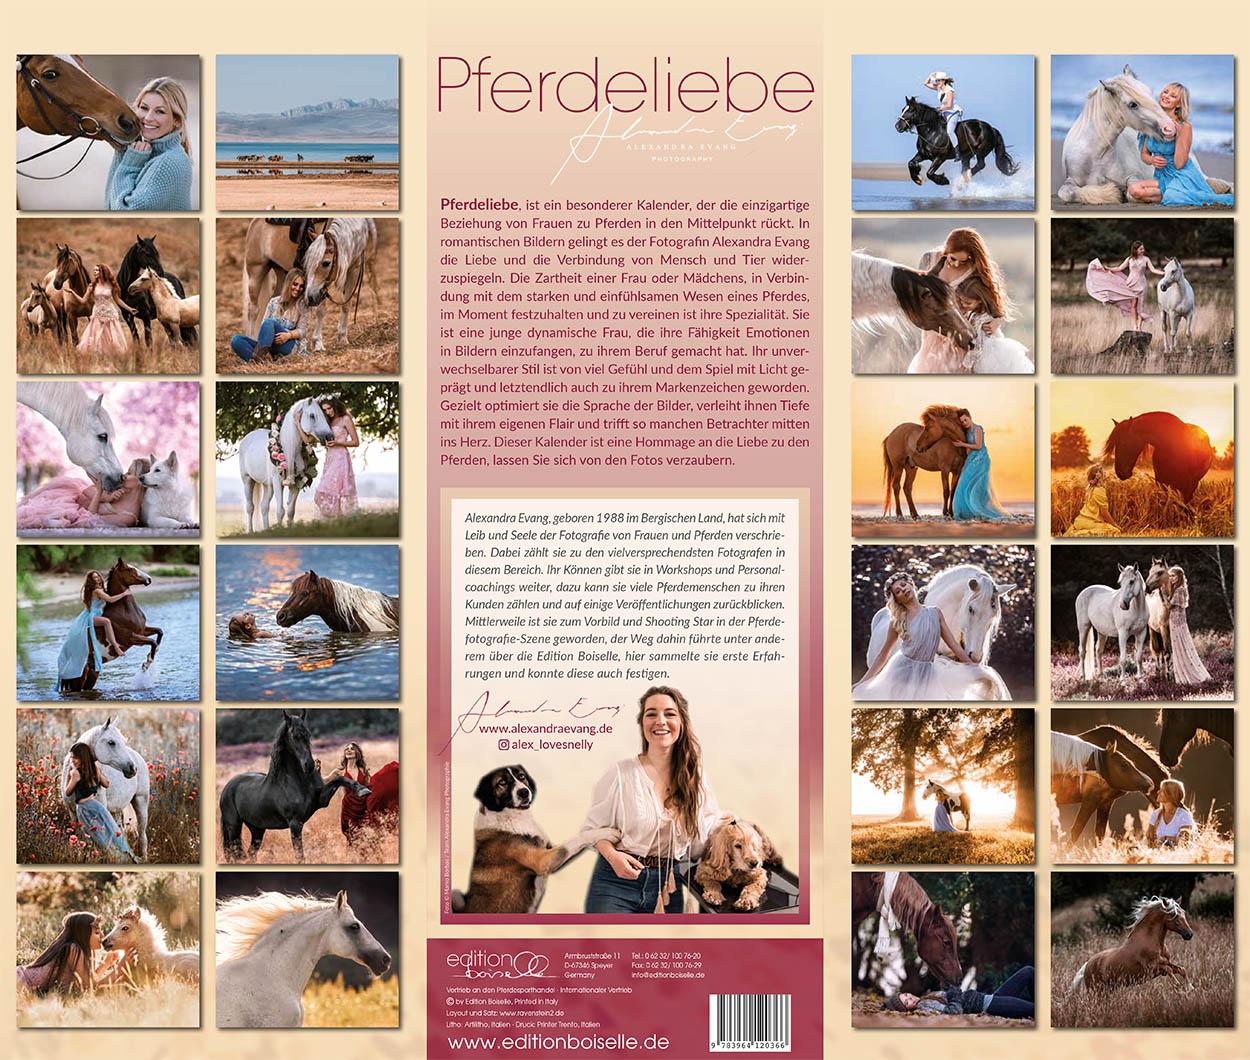 Pferdeliebe Kalender 2021 Alexandra Evang - Edition Boiselle